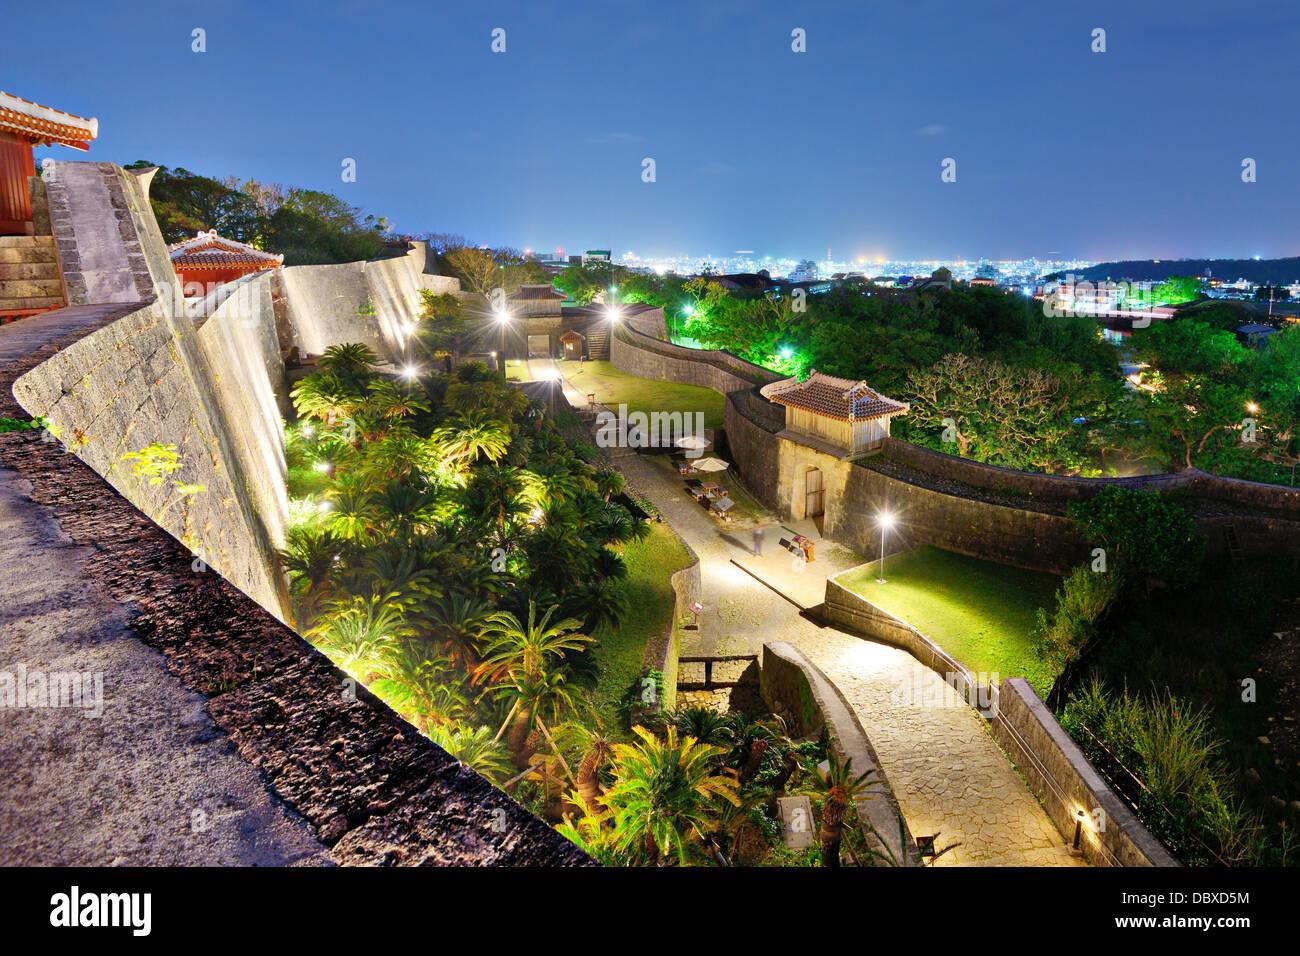 Muro de protección sobre la base del Castillo de Shuri en Naha, Okinawa, Japón. Foto de stock